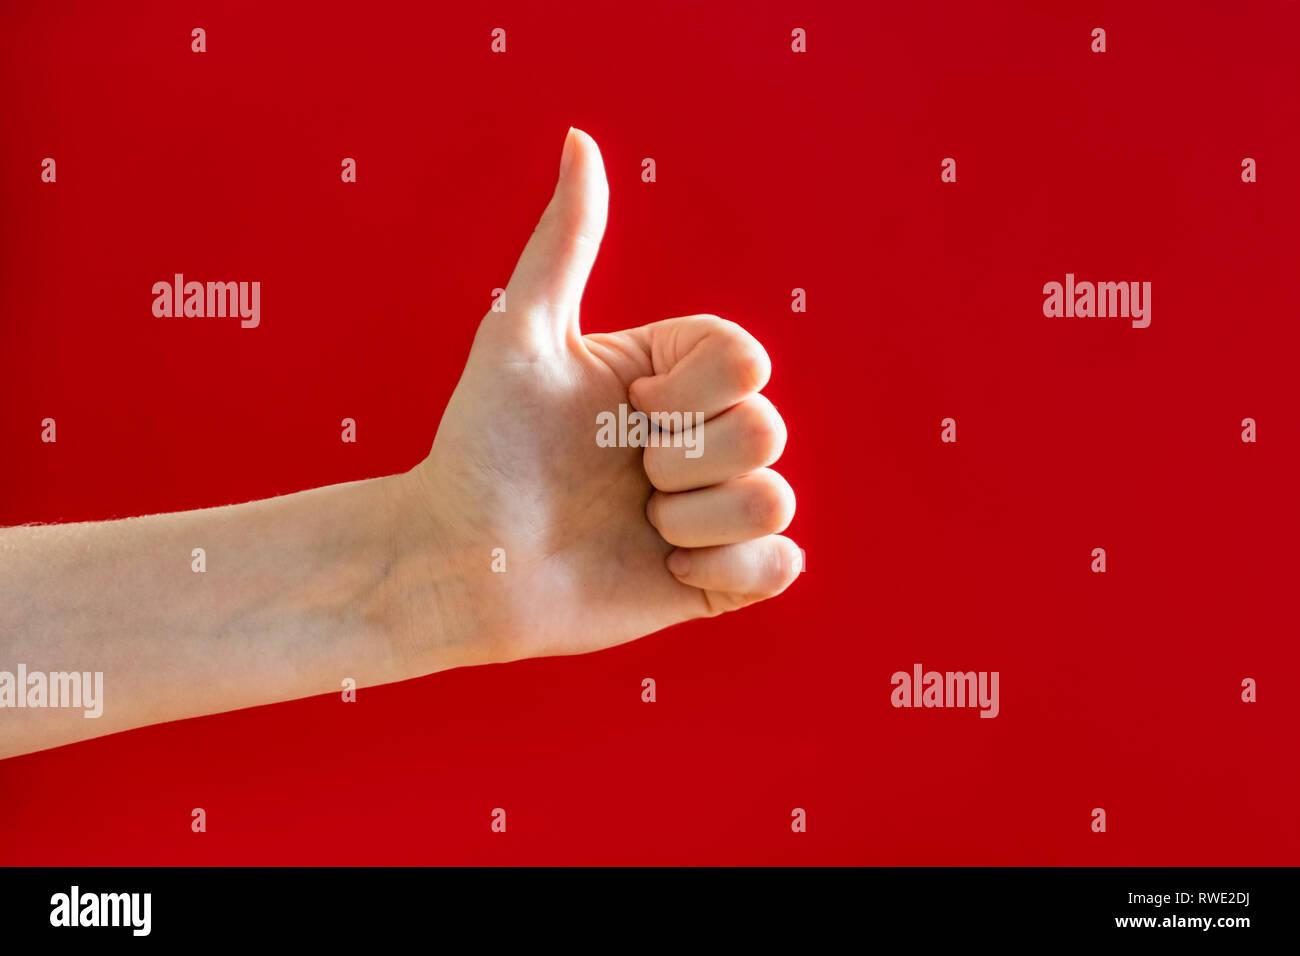 """Thumbs up, gesto de aprobación de concepto. Mano mostrando un """"pulgar arriba"""" signo en vibrante fondo rojo Imagen De Stock"""